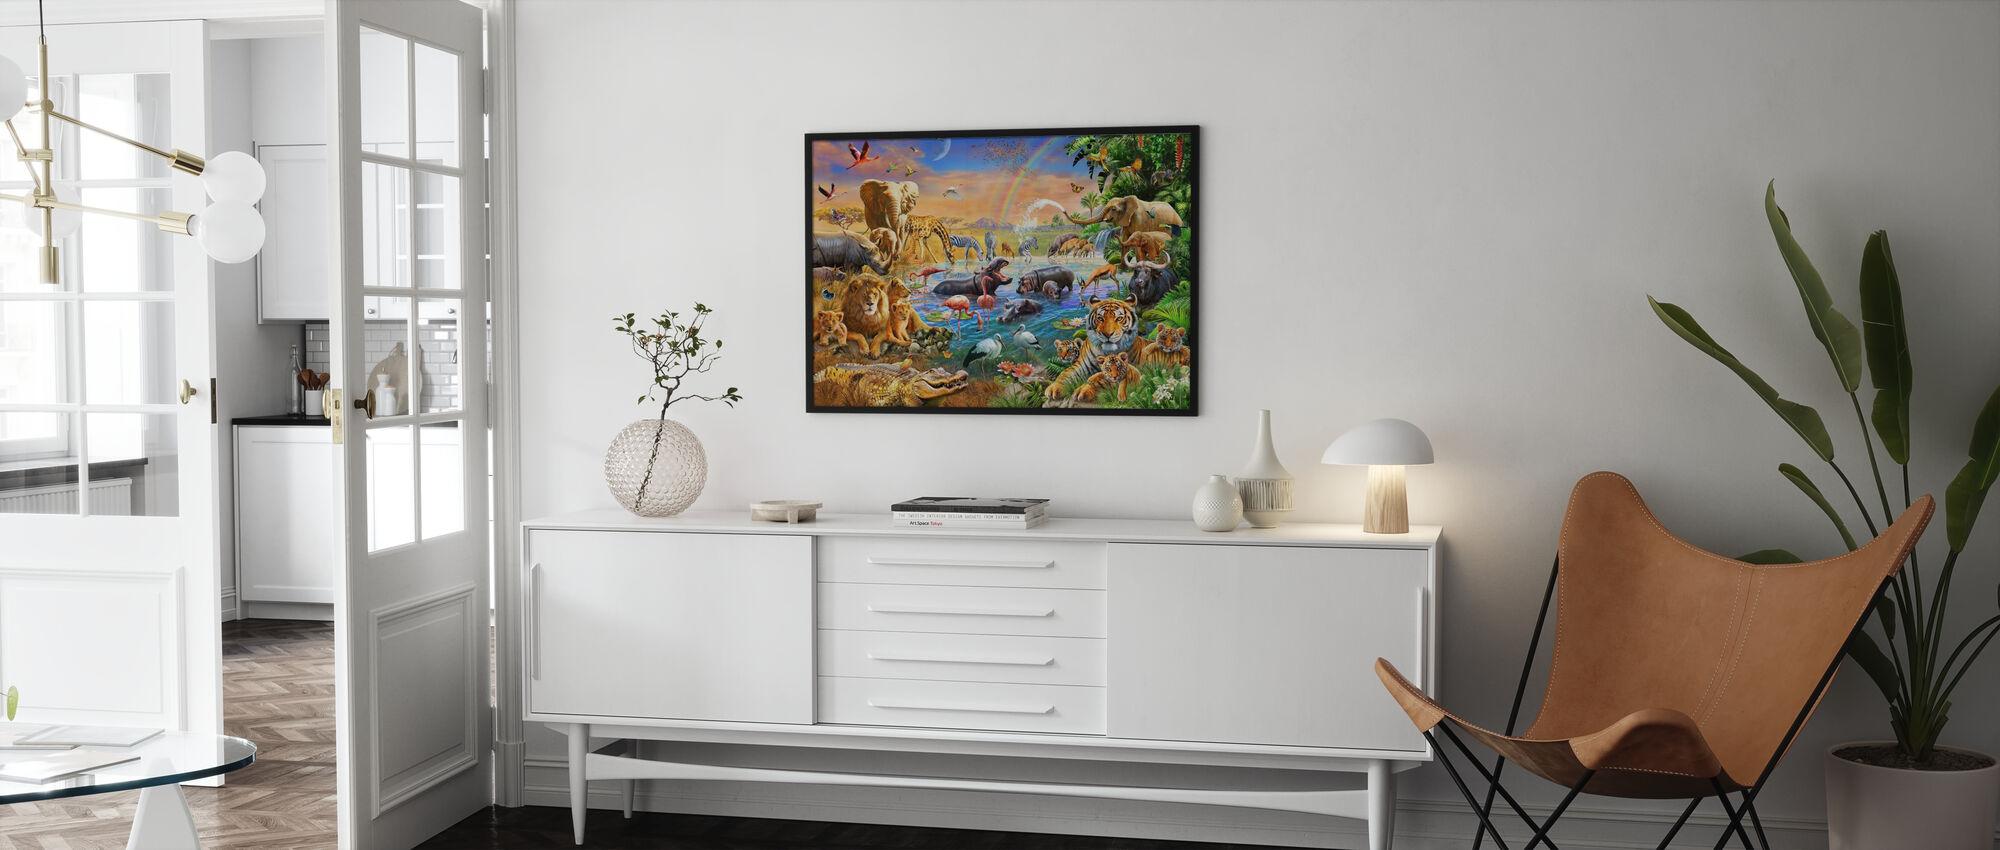 Savannah jungelen vannhull - Plakat - Stue